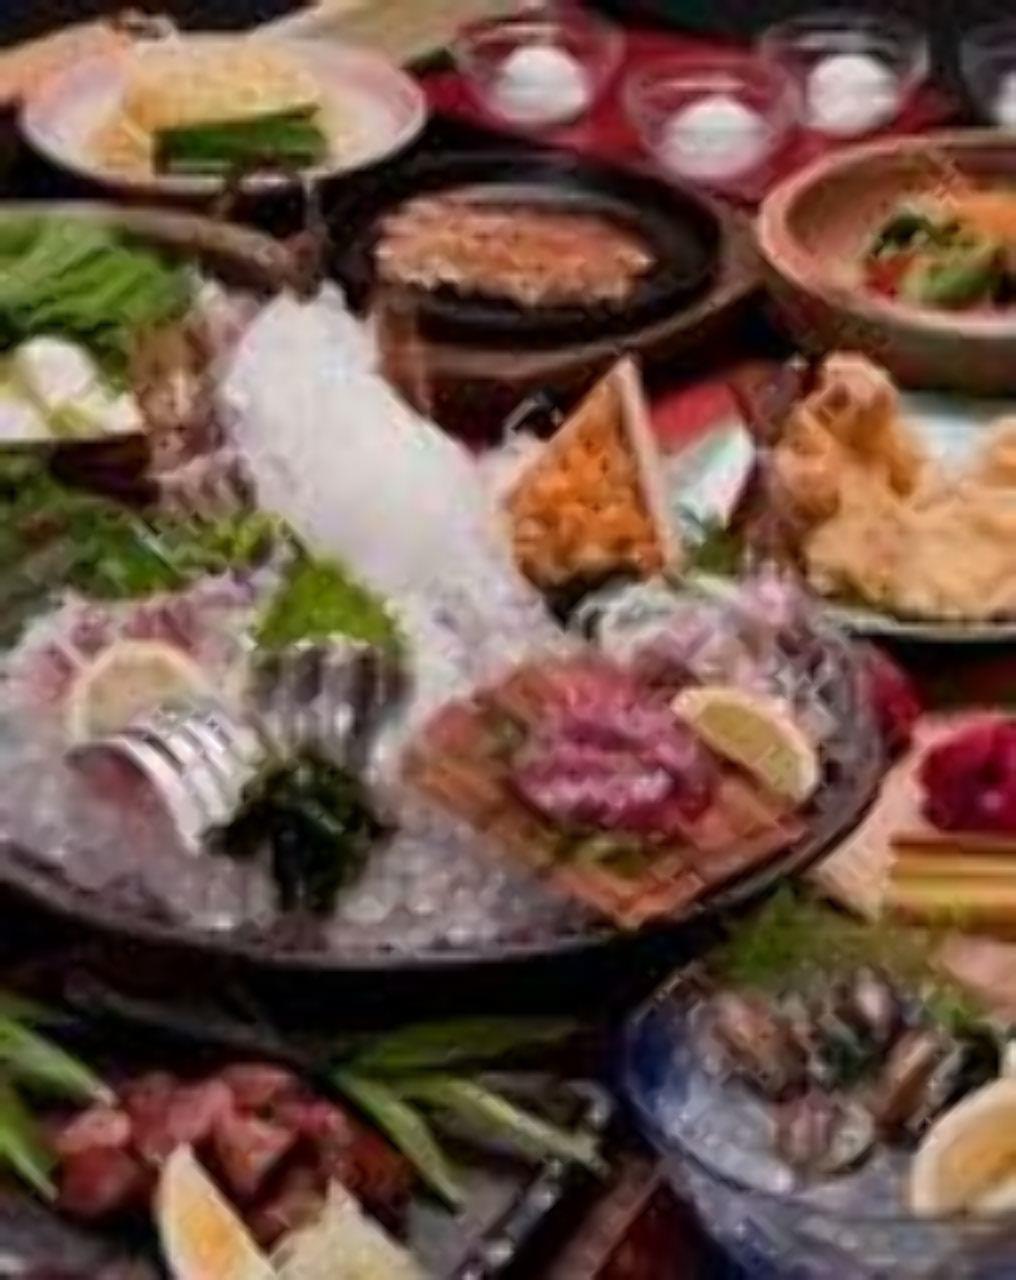 九州食べ歩きコース ぐるなびクーポン利用で飲み放題付 6、500円→ 6,000円